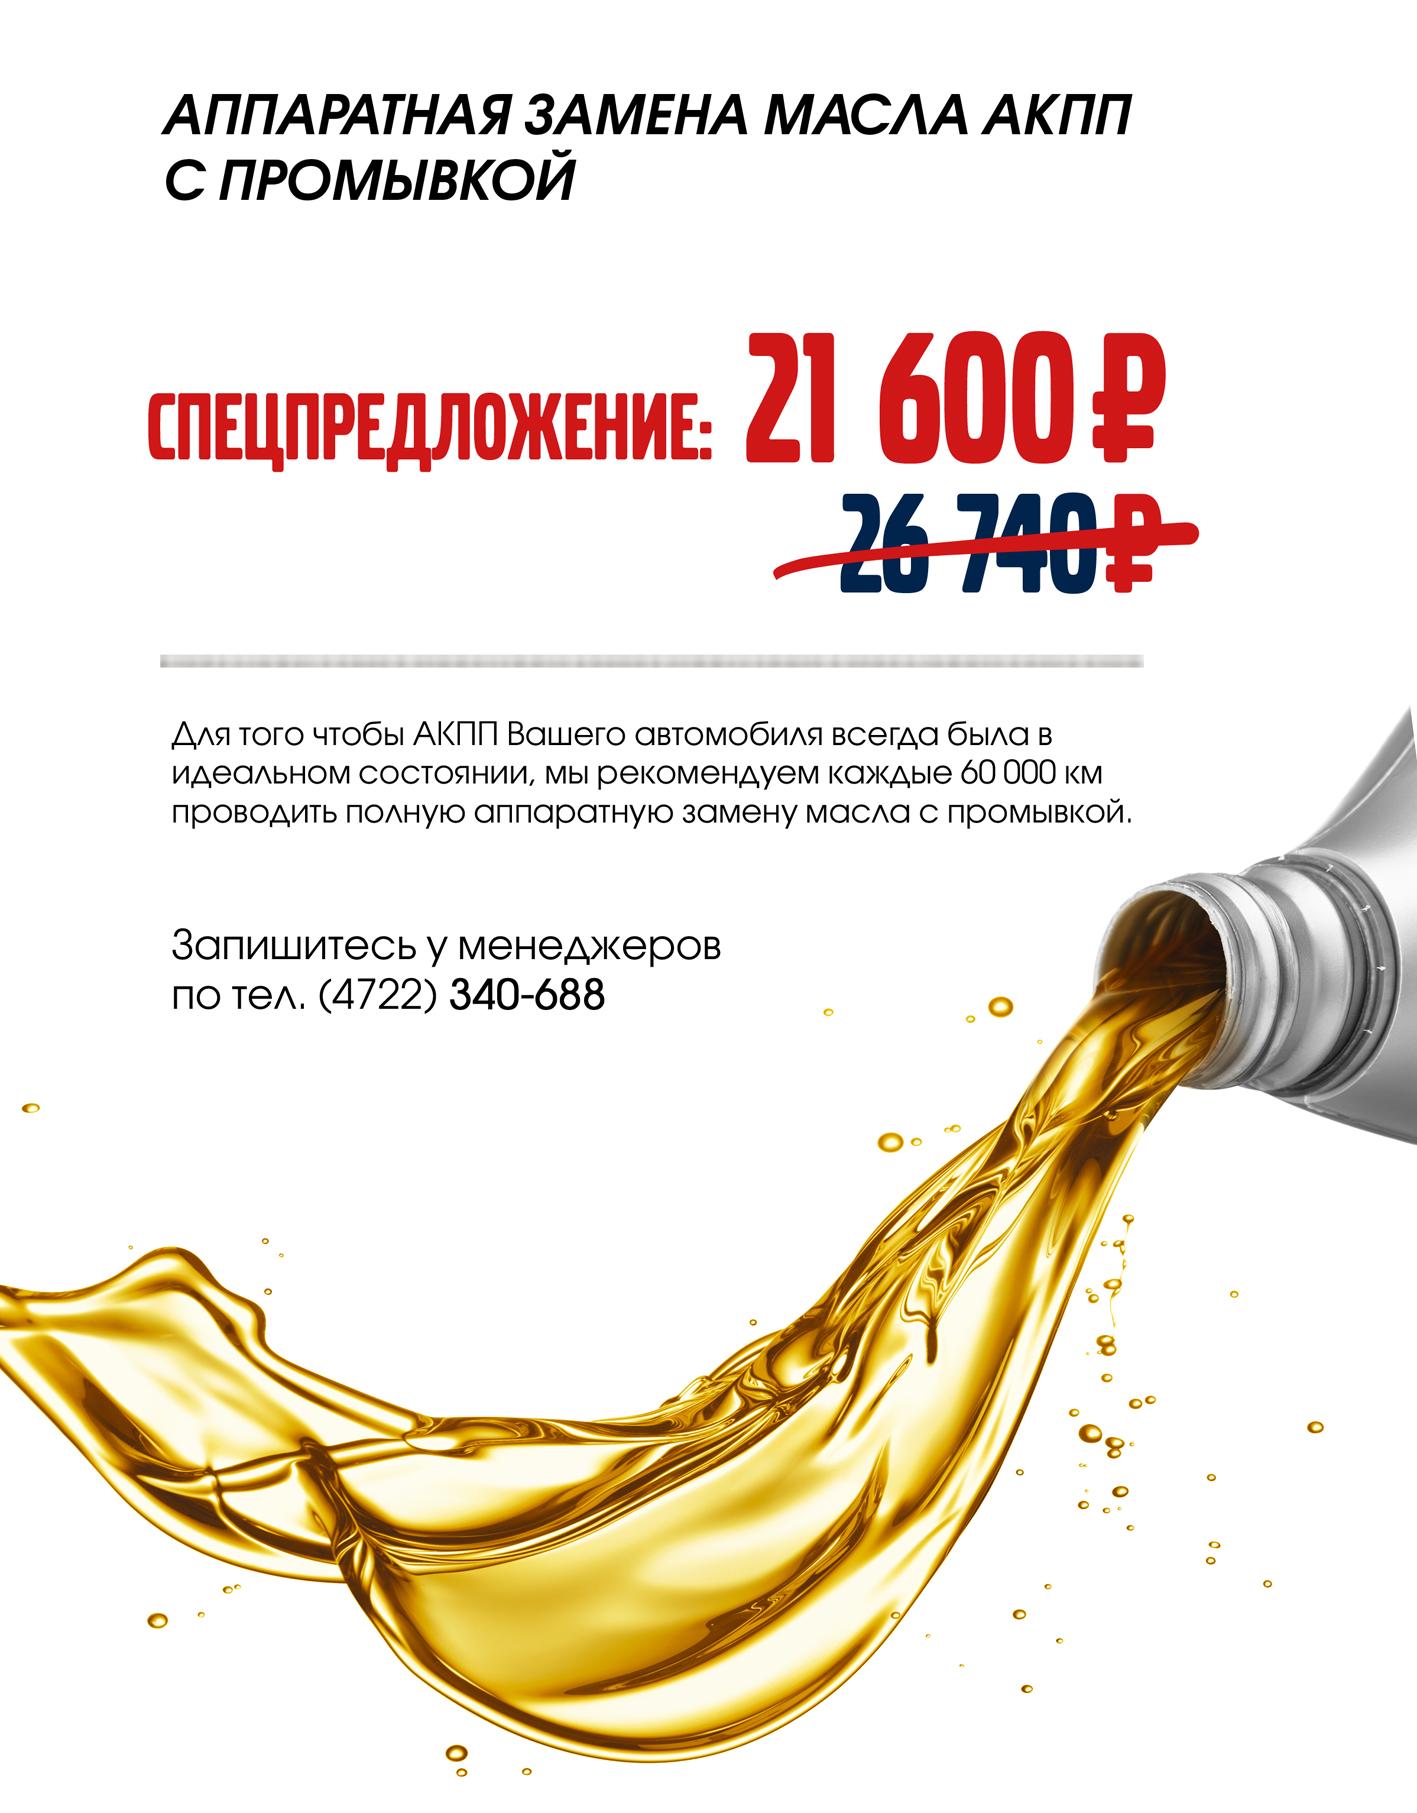 Аппаратная замена масла для АКПП